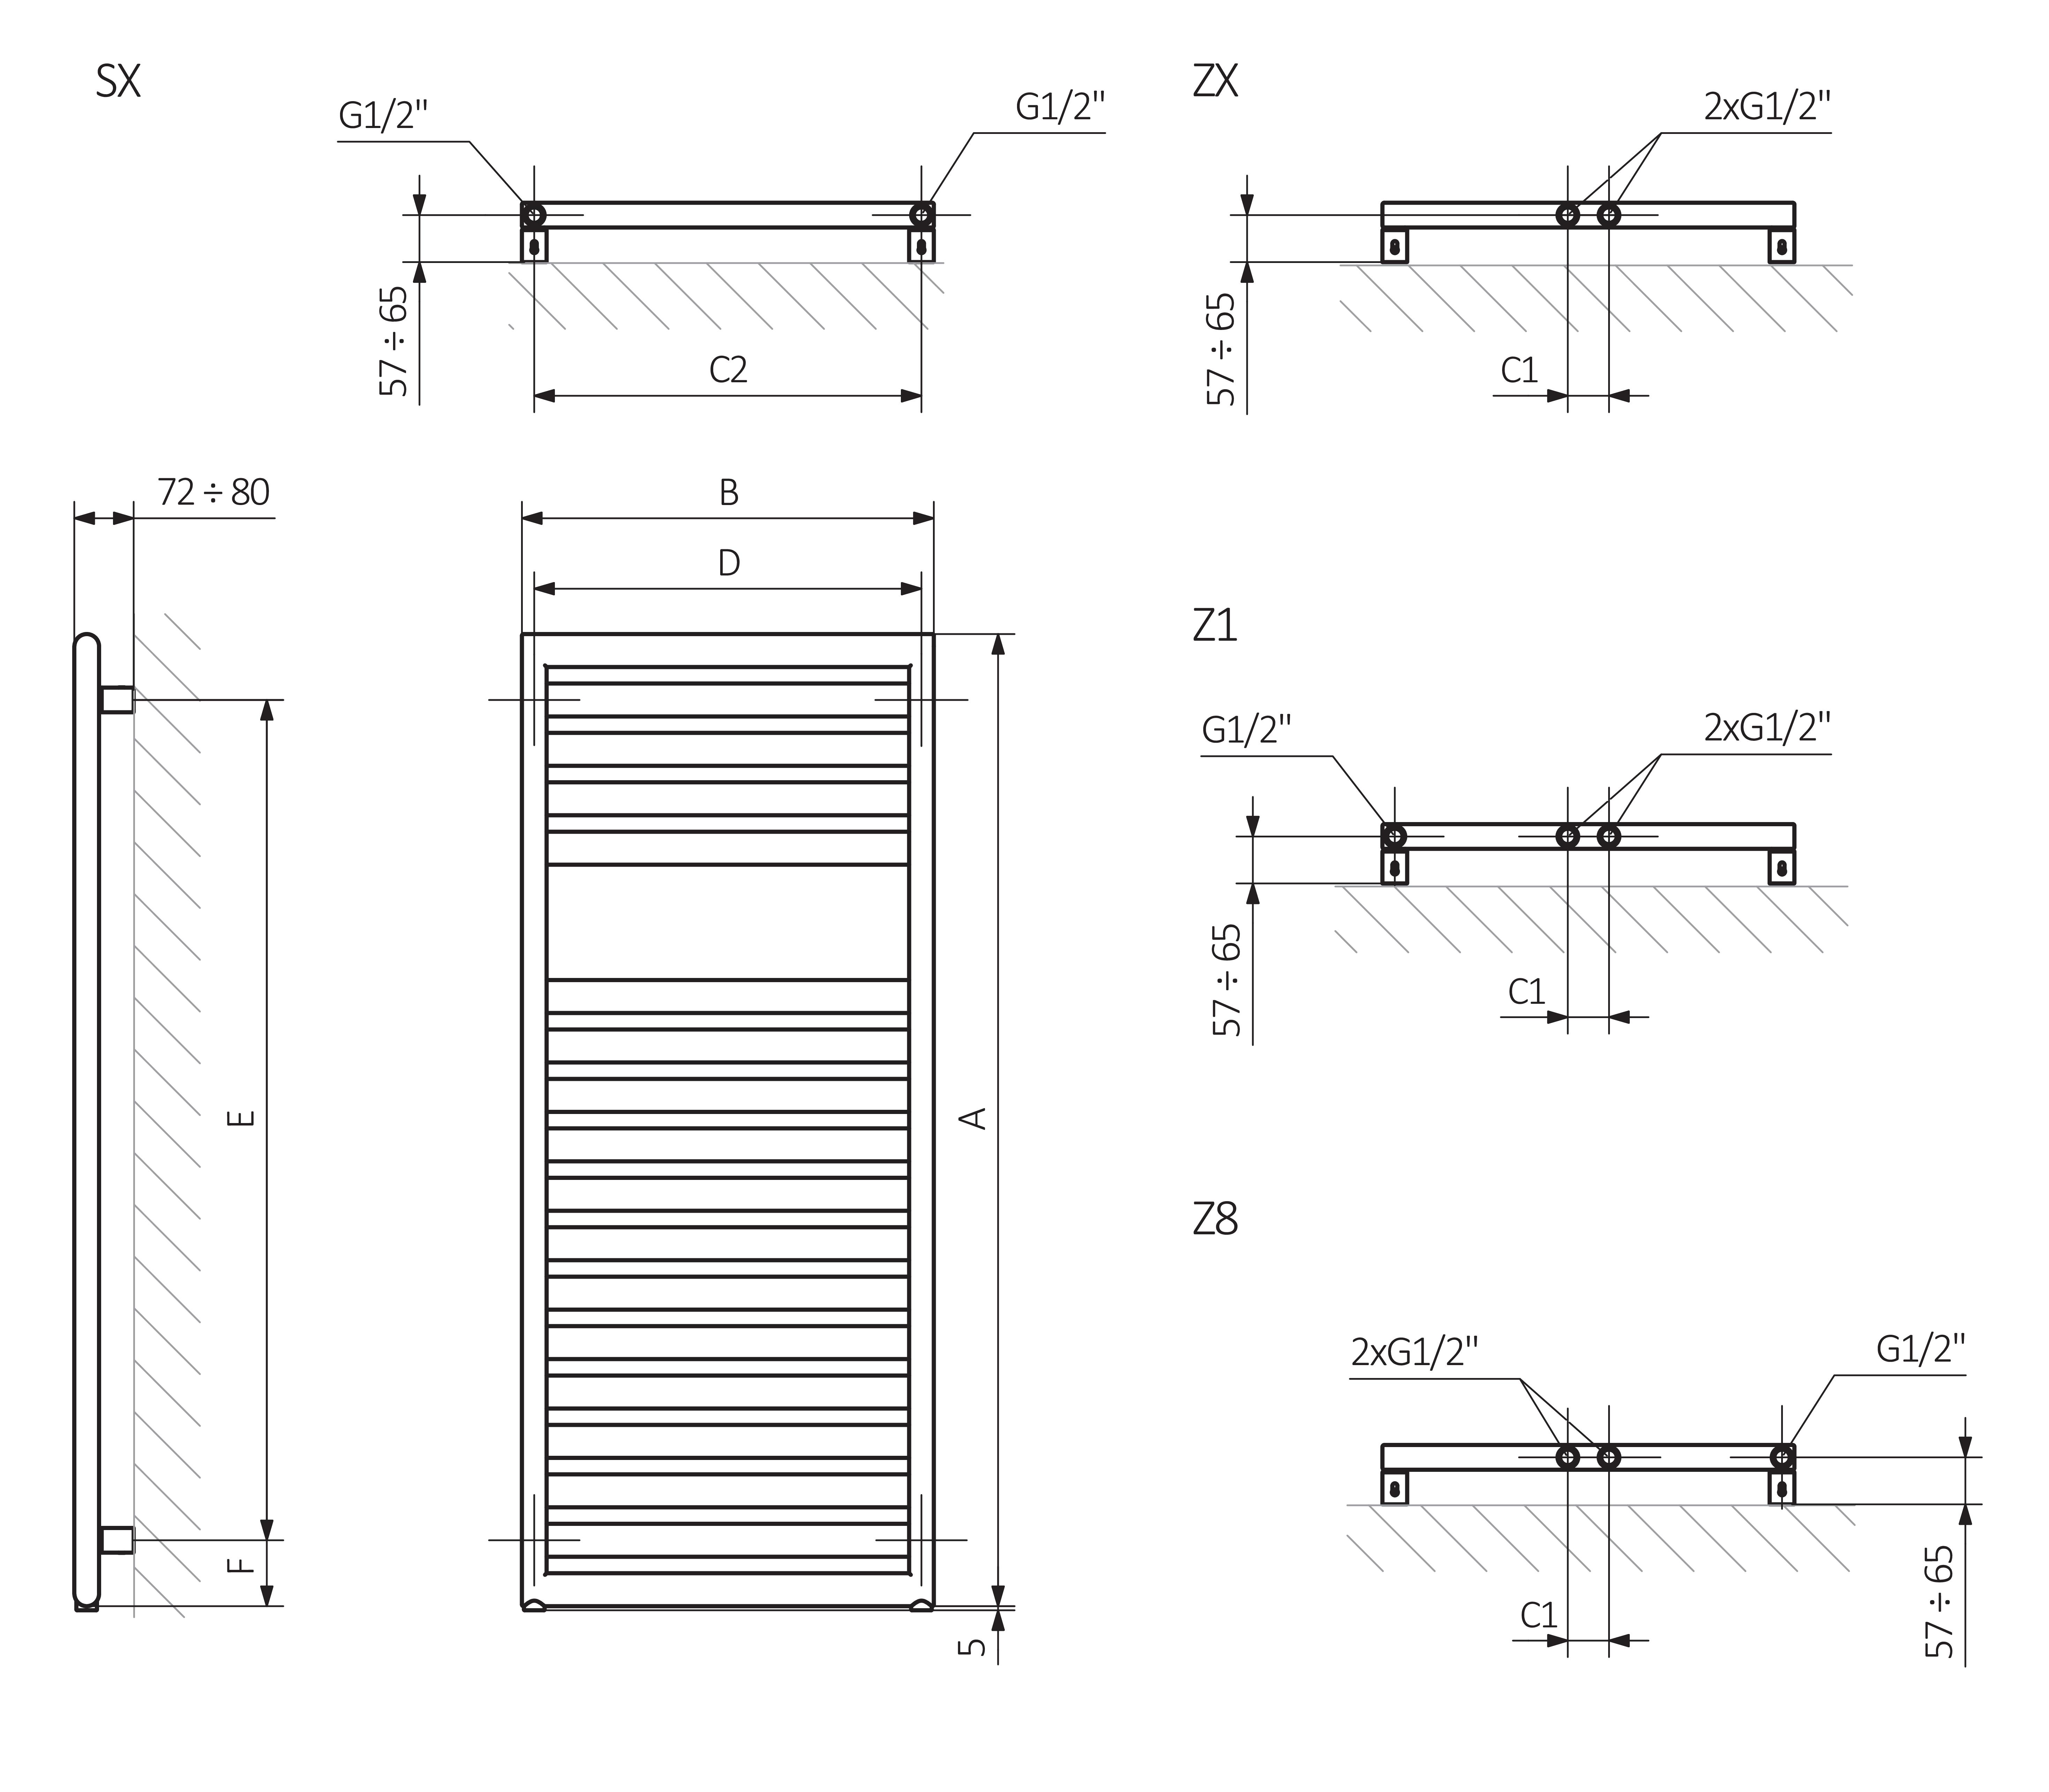 A - Höhe B - Breite C1-C5 - Abstand der Anschlüsse D - Abstand zwischen den Befestigungen in horizontalem E - Abstand zwischen den Befestigungen in vertikaler F - Abstand von der unteren Achse der Befestigungen zur unteren Kante des Kollektors